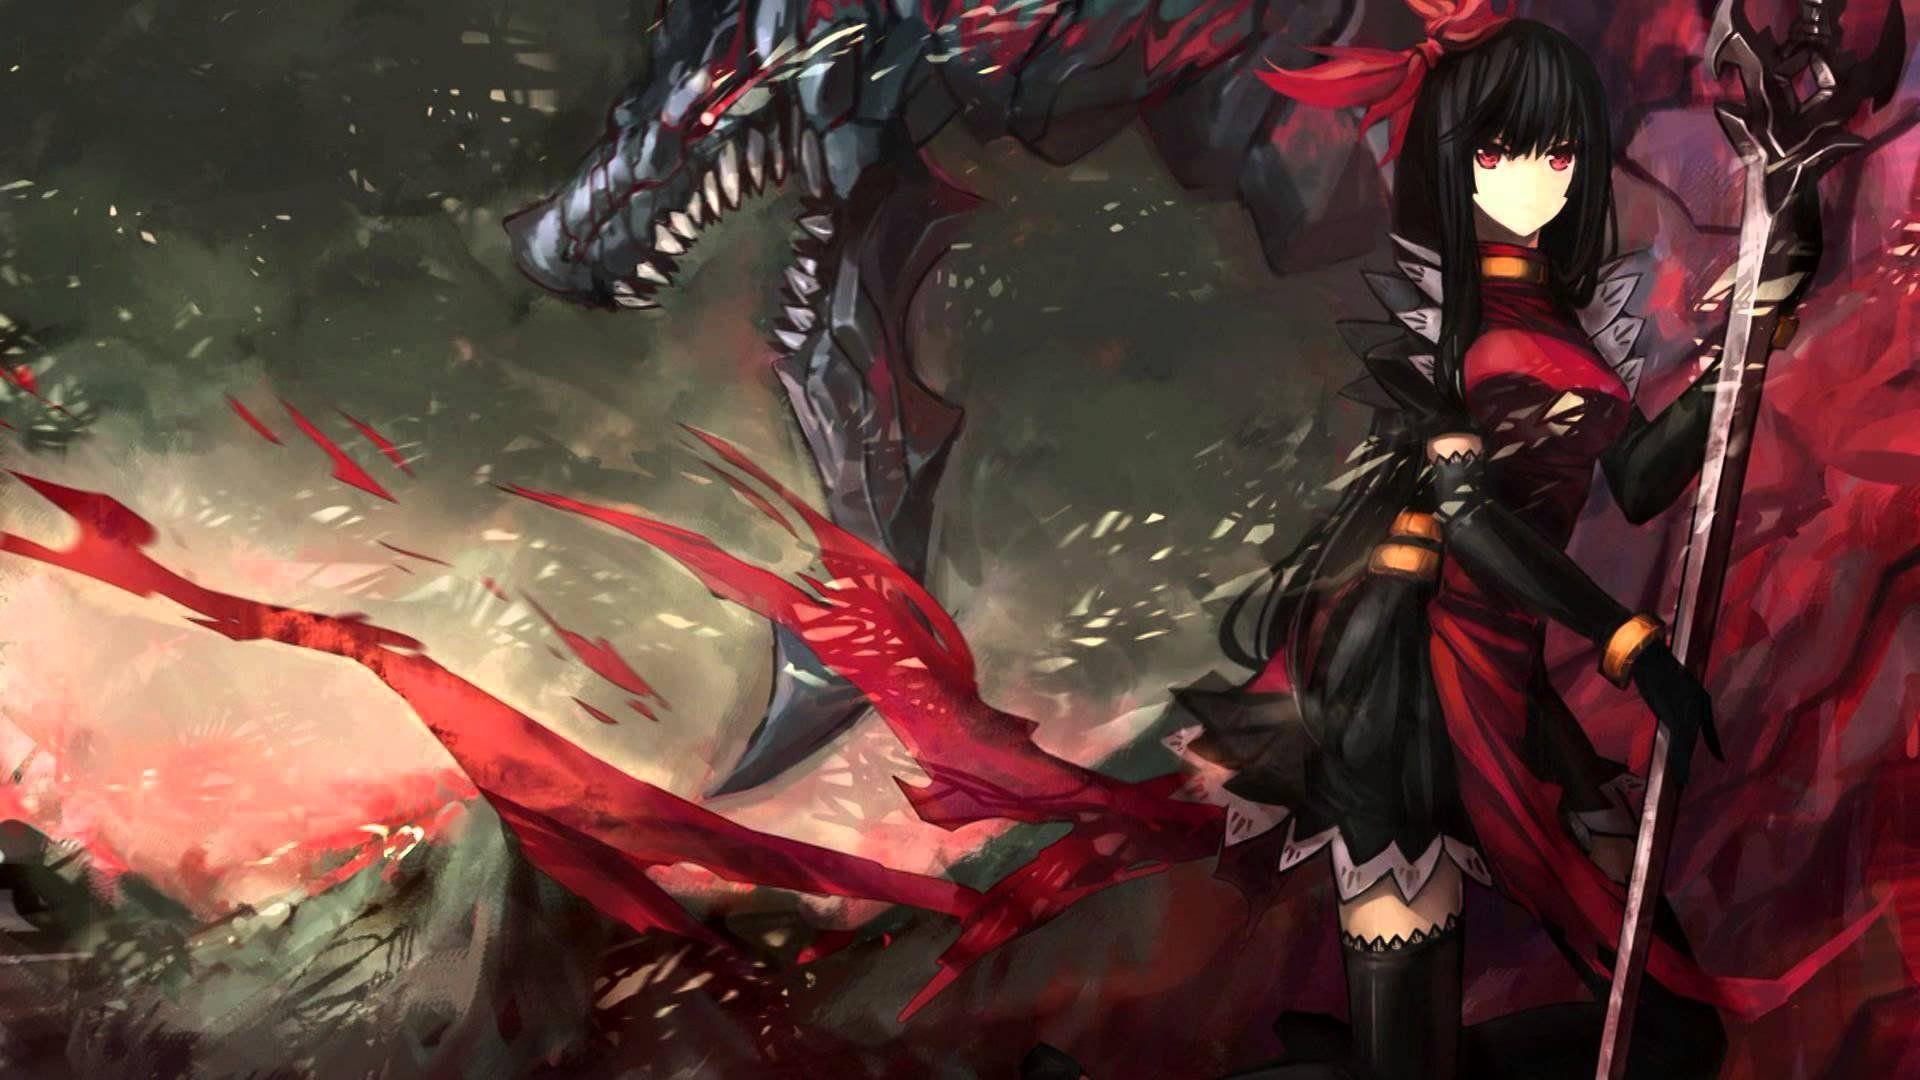 Pin by Velvet Mainwood on Nightcore Anime warrior, Anime